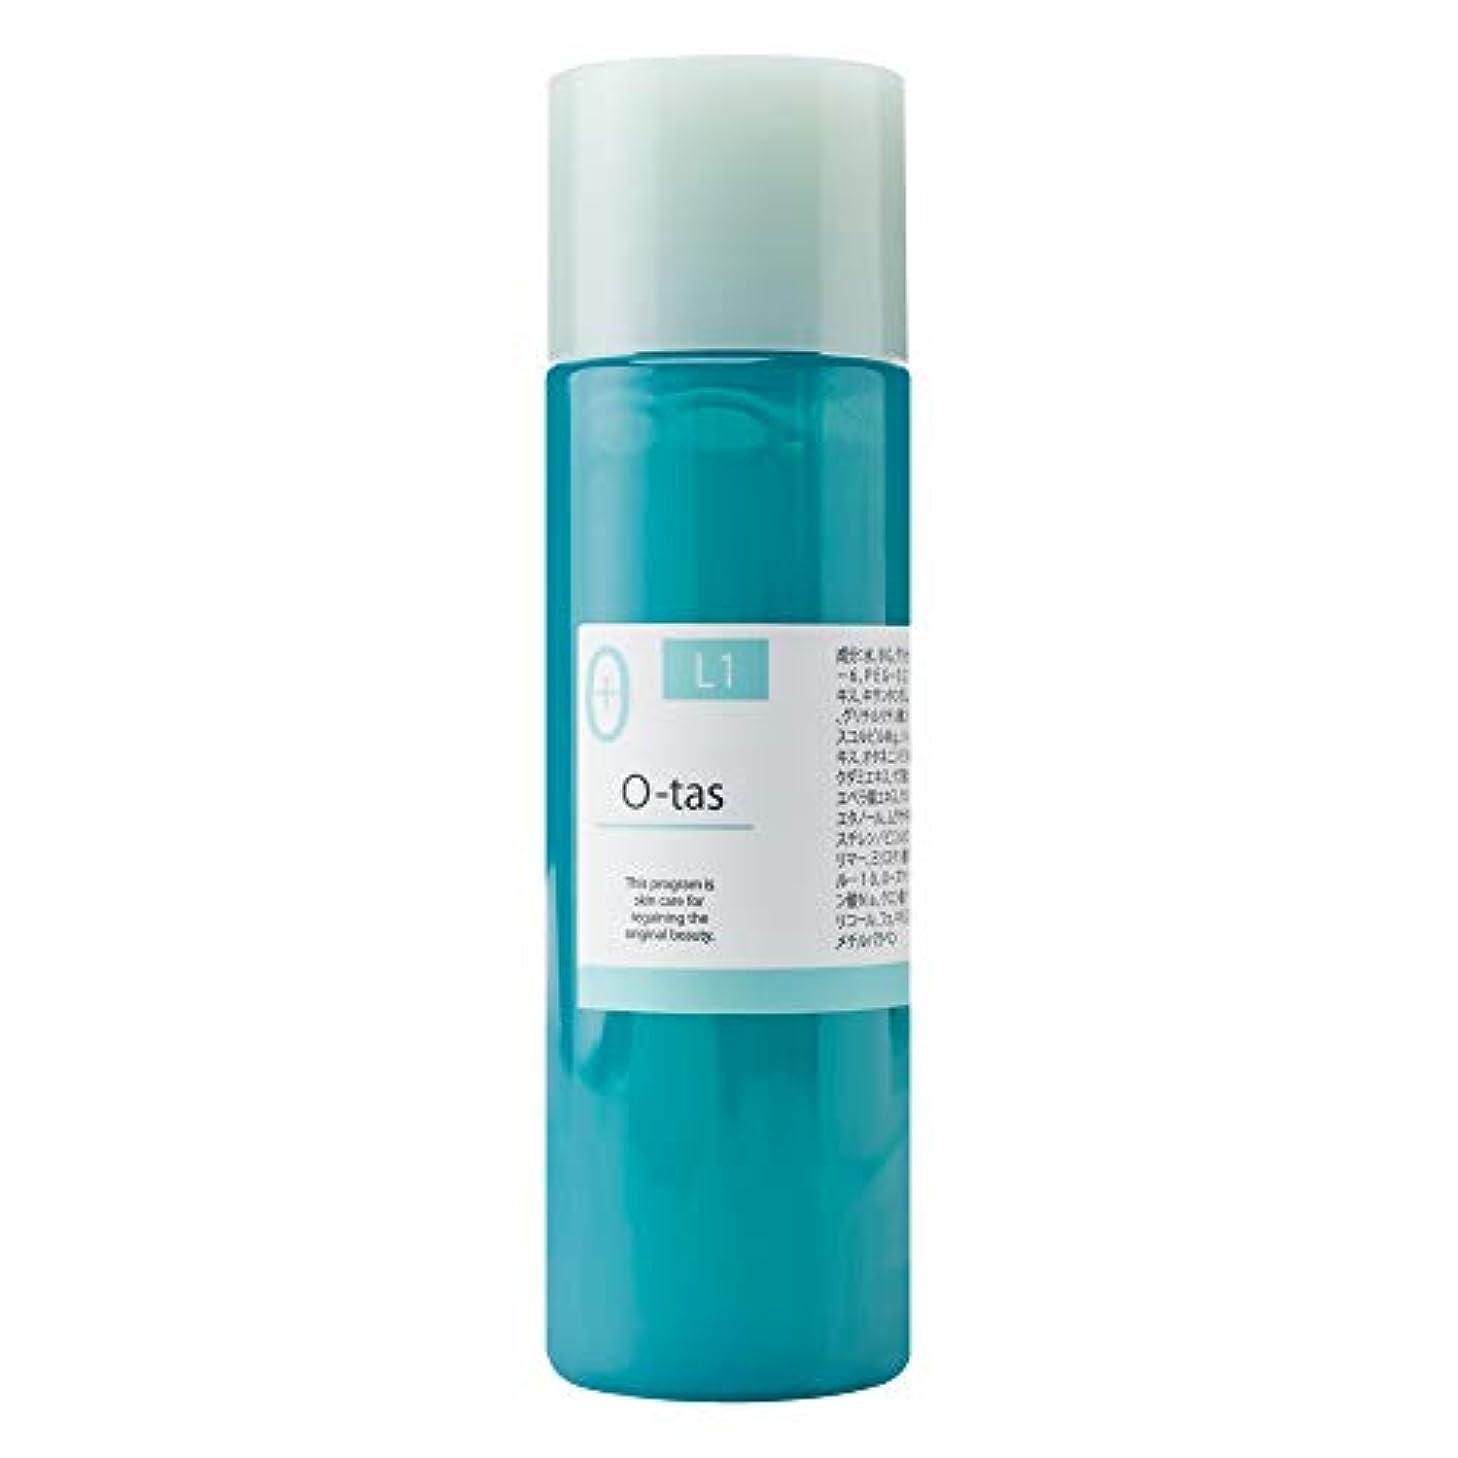 血色の良い分布テンションオータス ホワイトプロ ローション 100ml 無添加 化粧水 スキンケア フェイスケア 保湿 L1